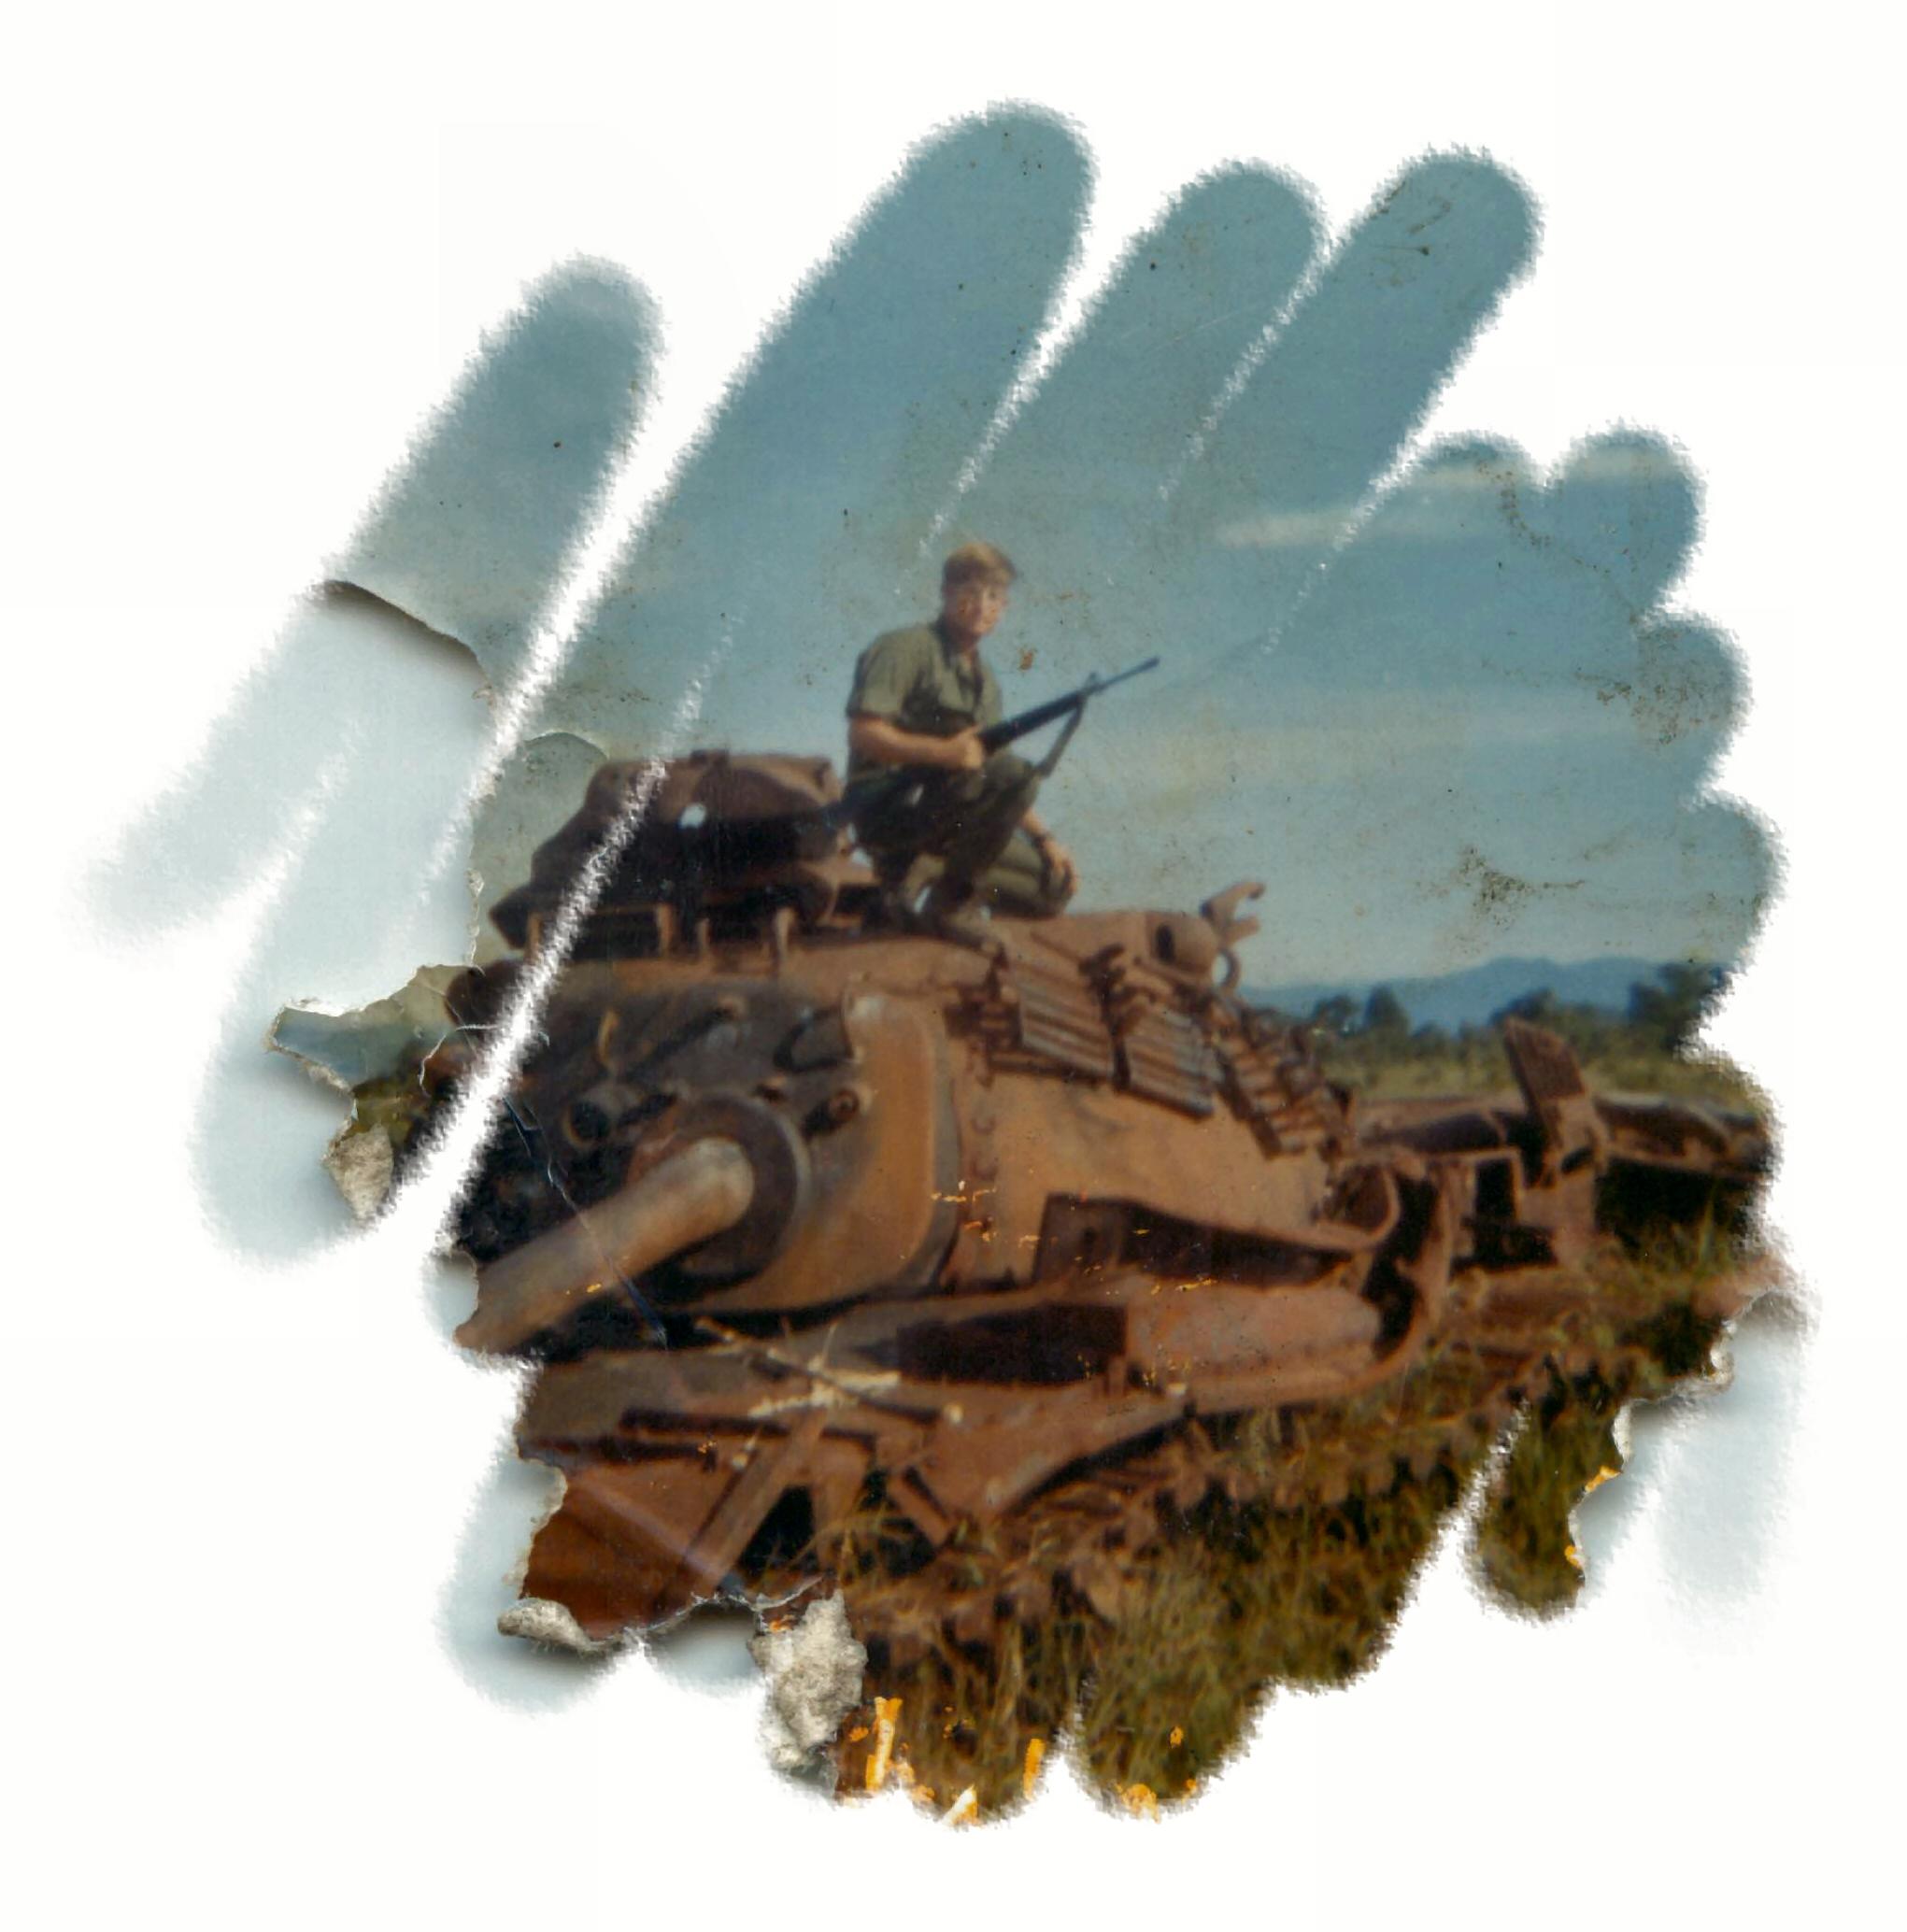 jack-brooks-tank